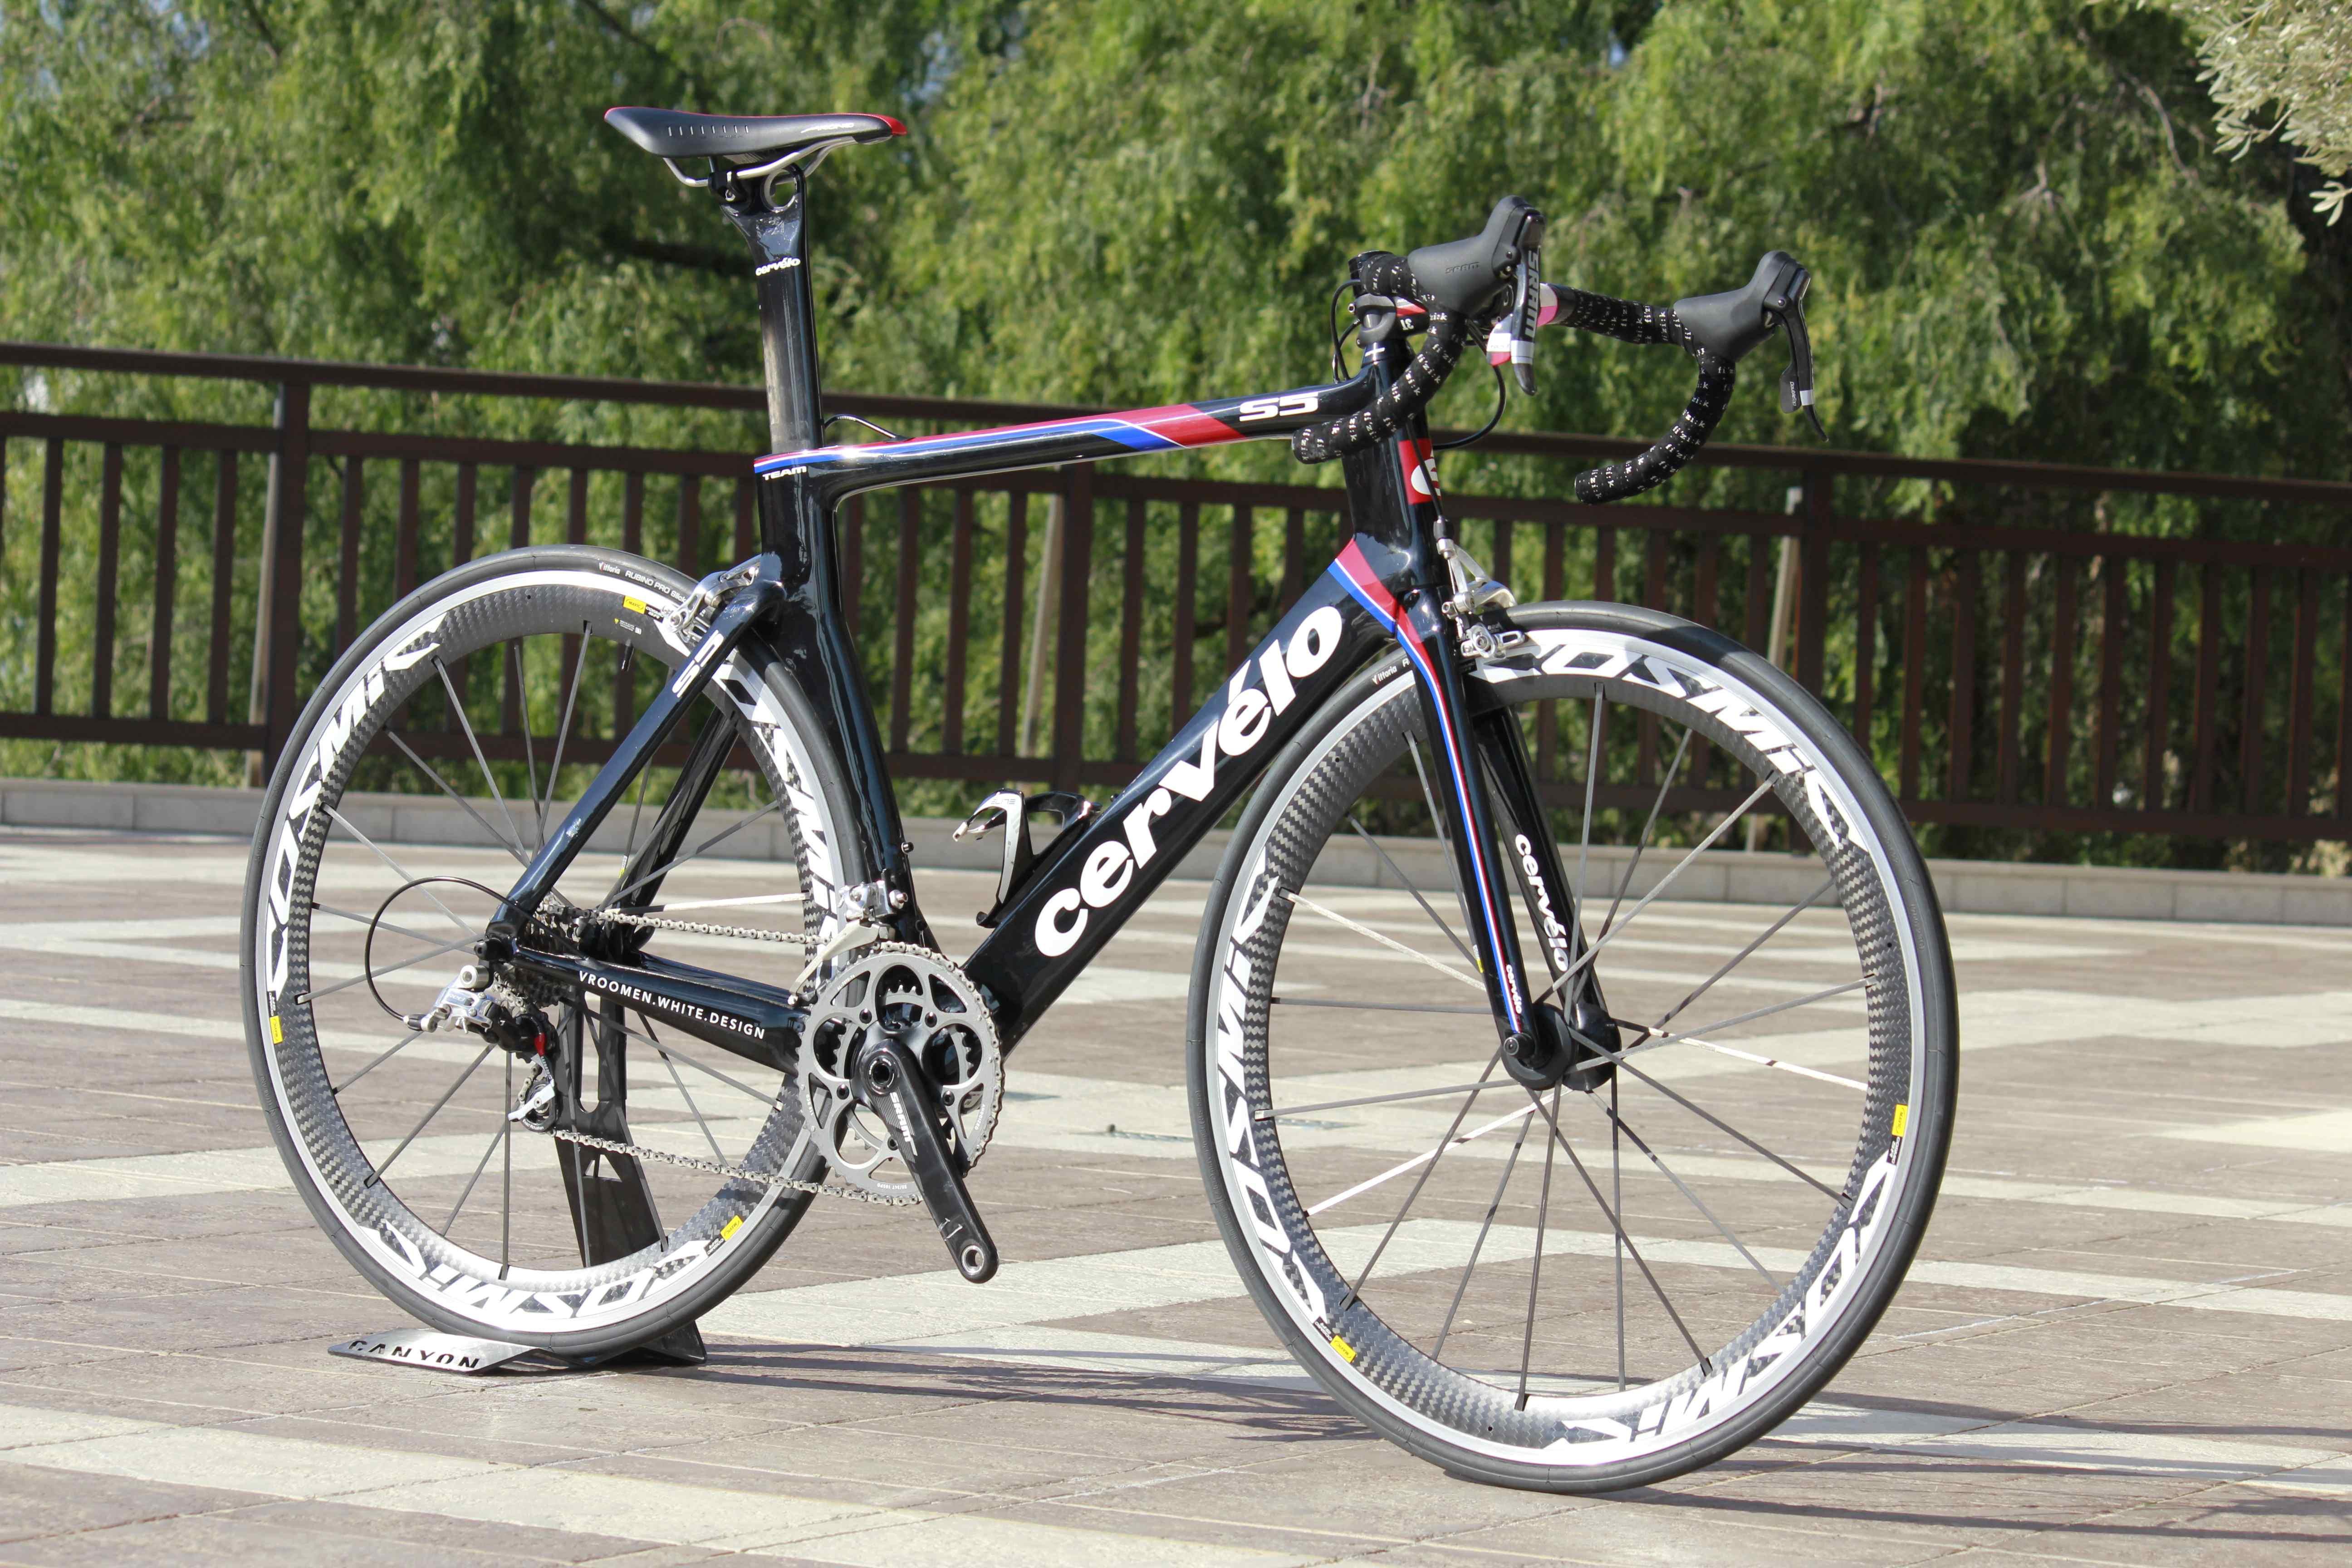 tri test 400 cutting cycle